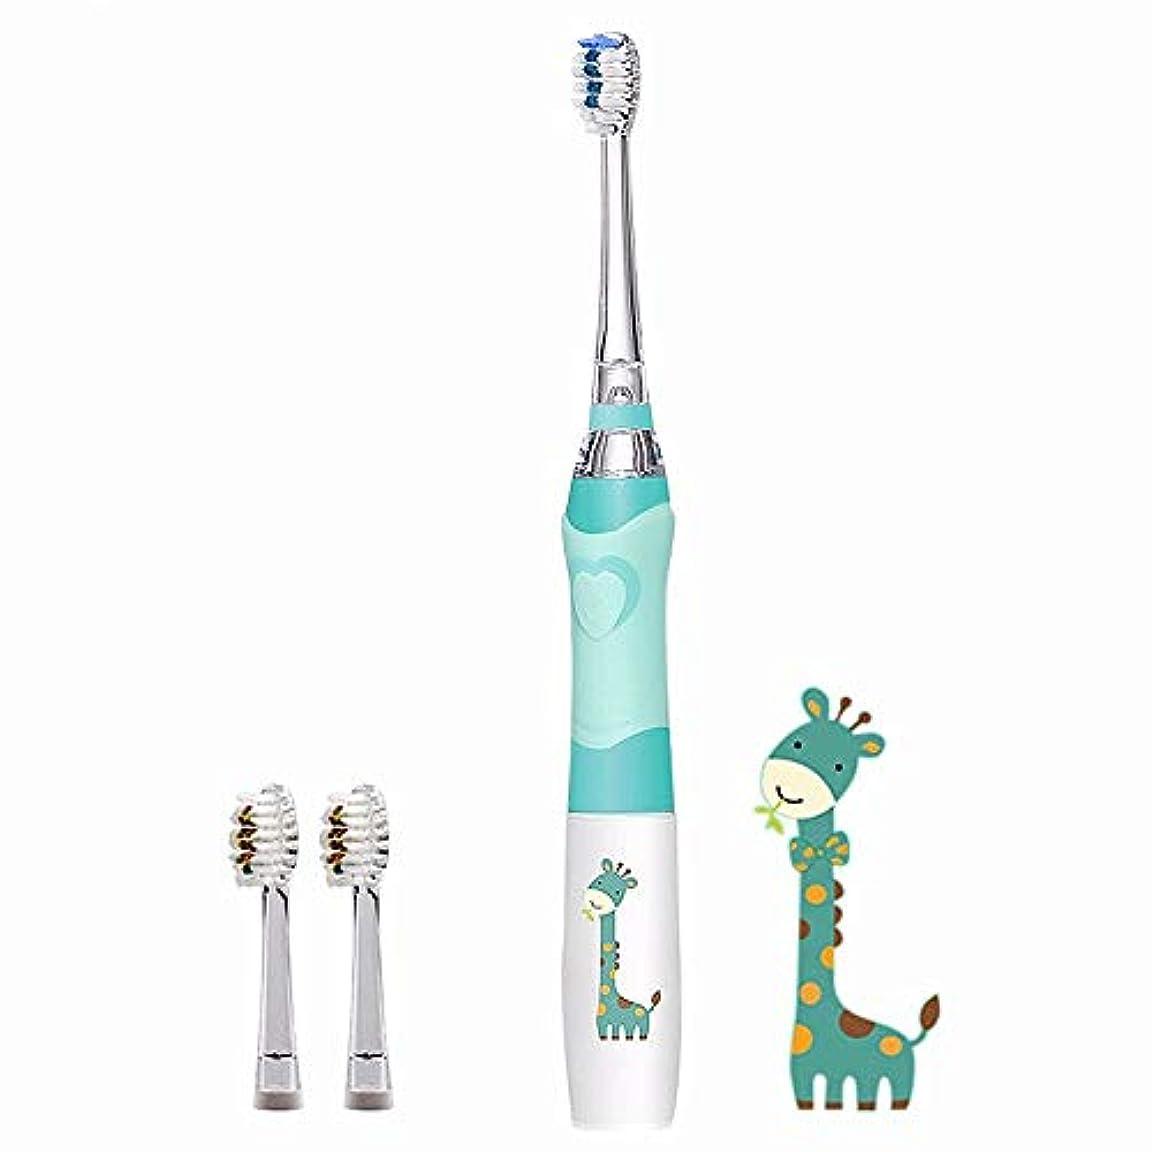 克服する力強いチョップ子供の電動歯ブラシ付きタイマー、防水ソフト口腔衛生マッサージ歯のケア、男の子と女の子,Blue